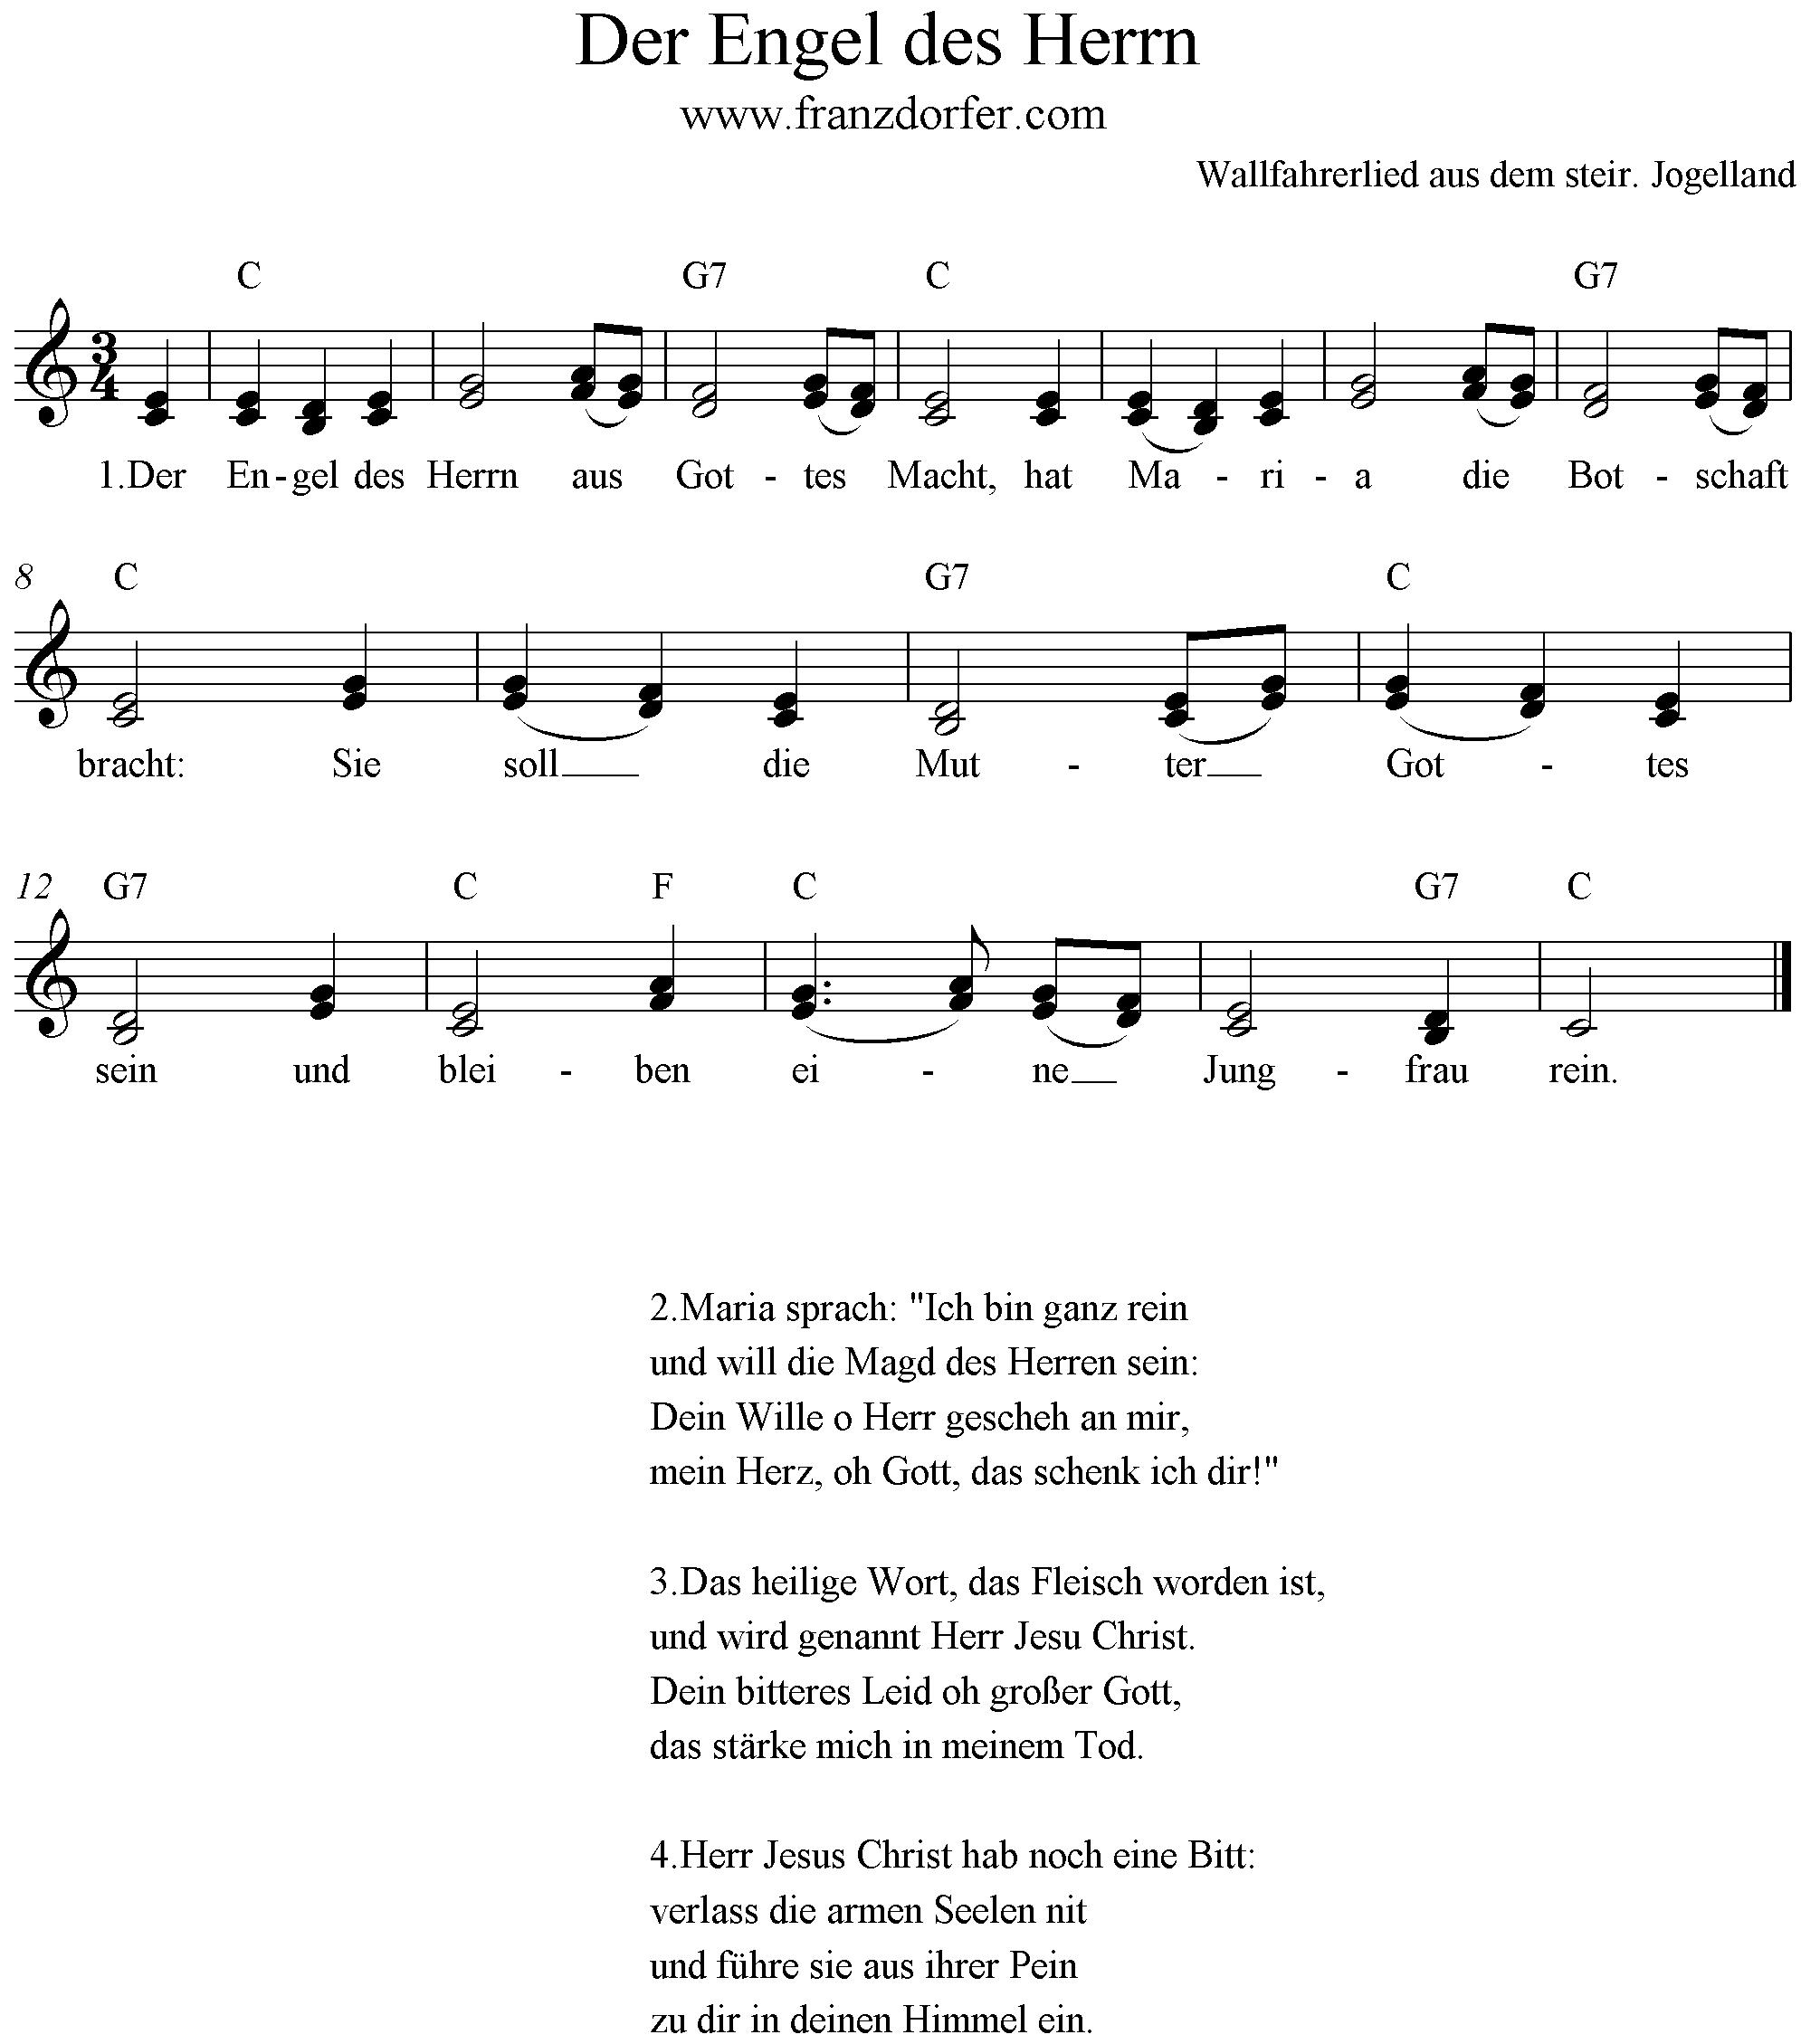 Alpenländische Weihnachtslieder Noten.Der Engel Des Herrn